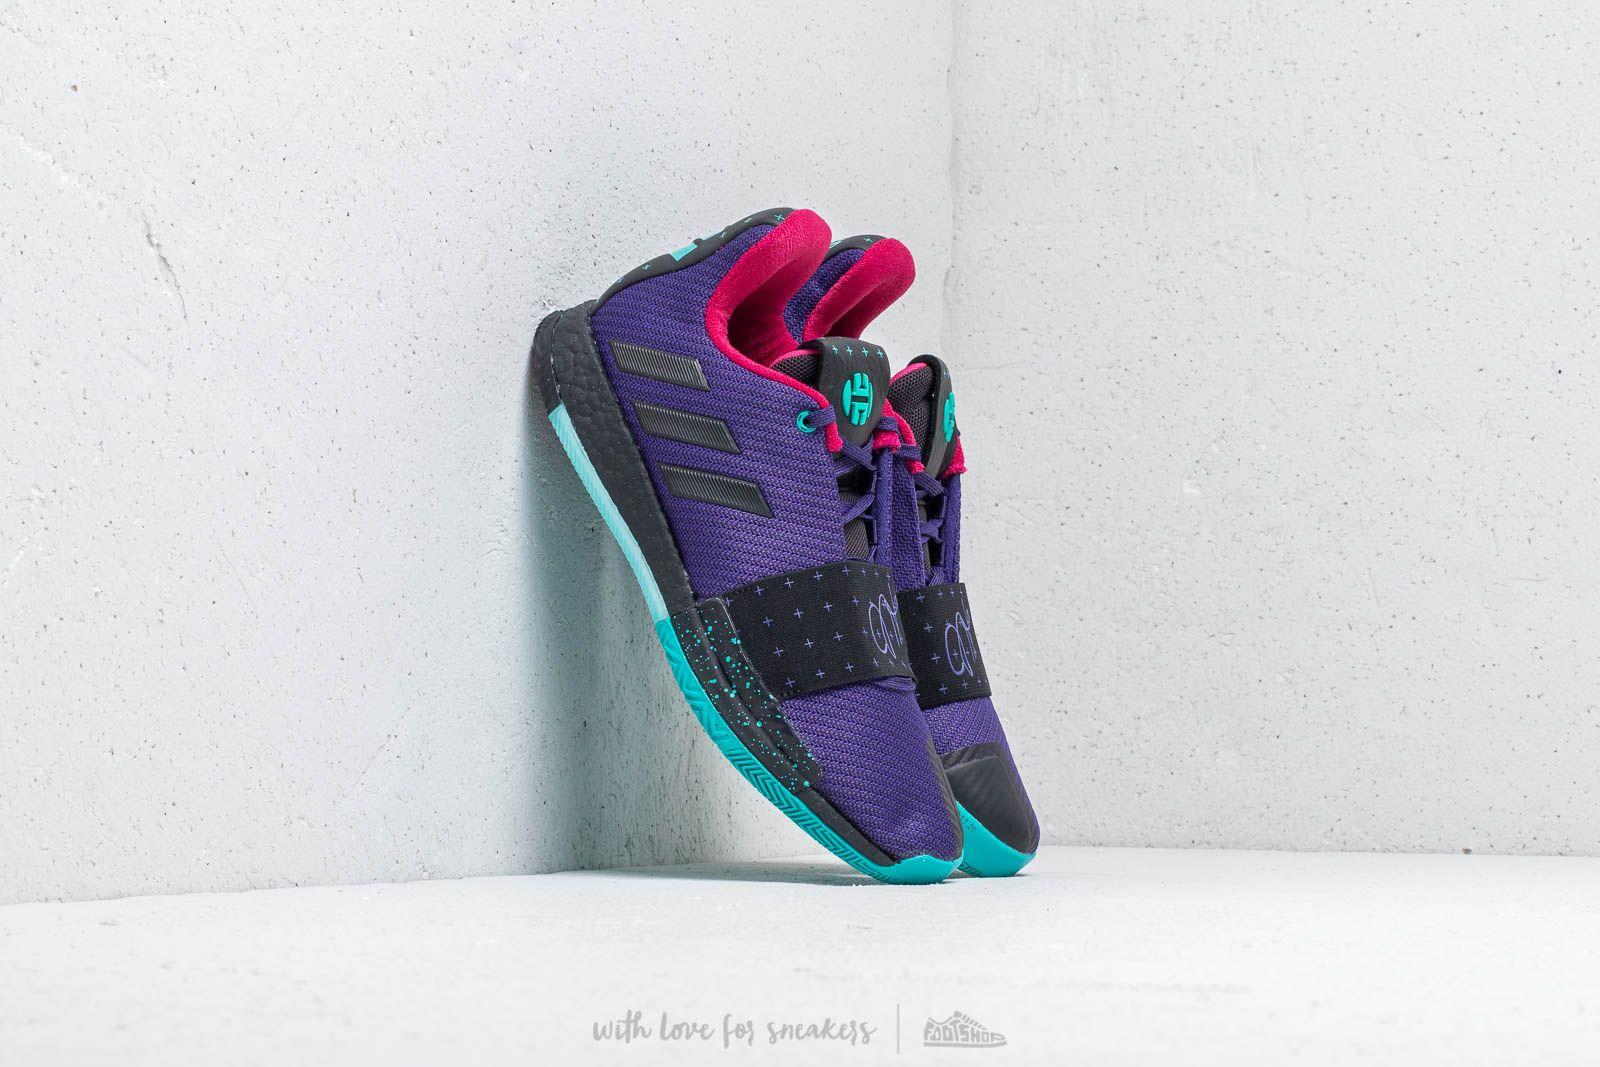 harden 3 violet